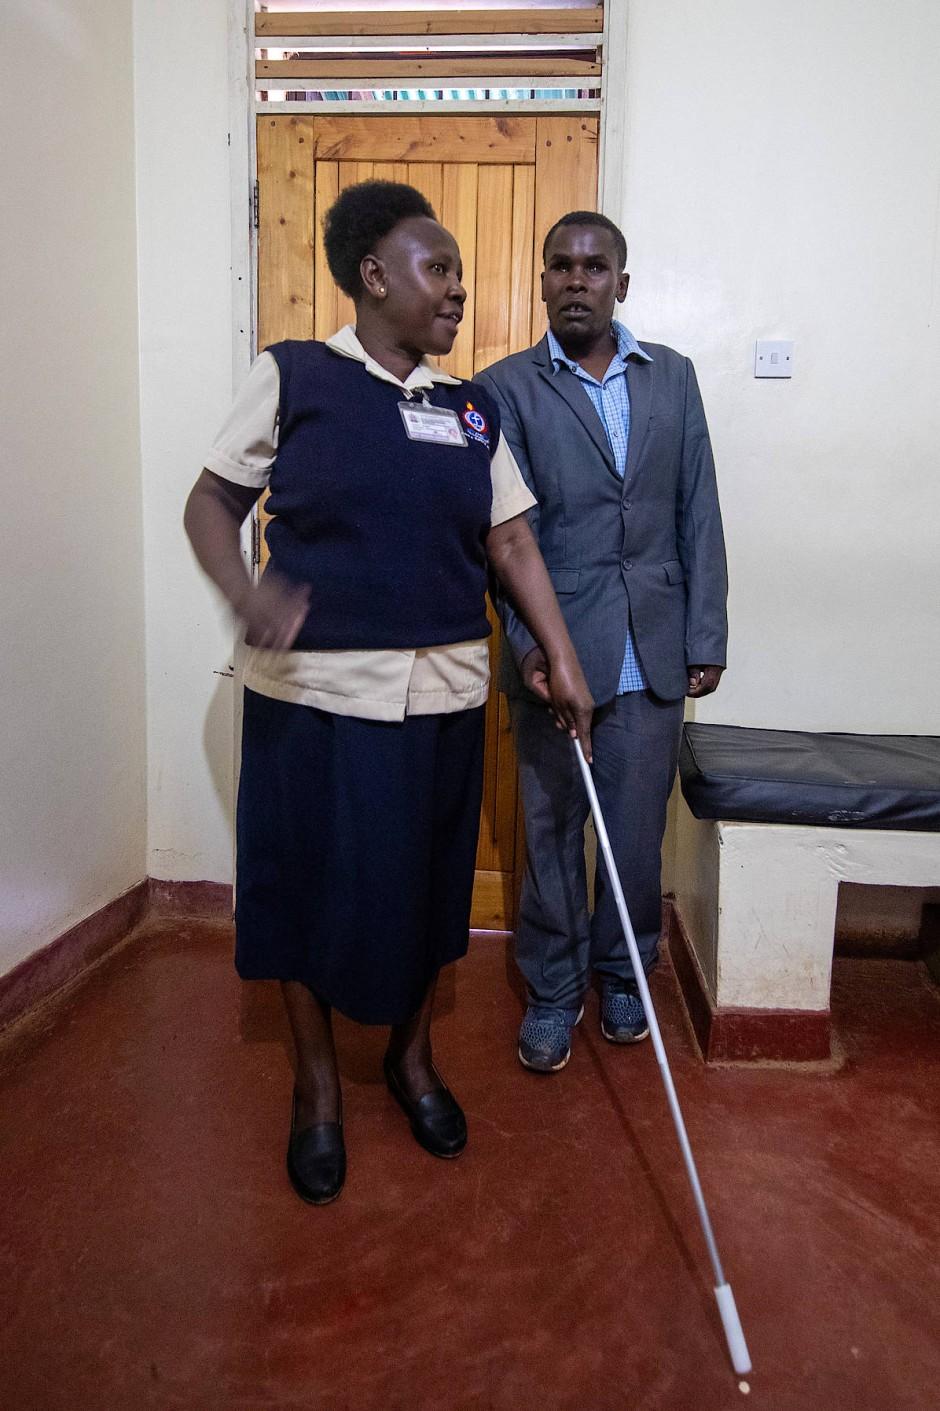 Der blinde Melshak Njeru lernt von Lucy Wairimu in der Kikuyu-Augenklinik den Umgang mit dem Taststock.